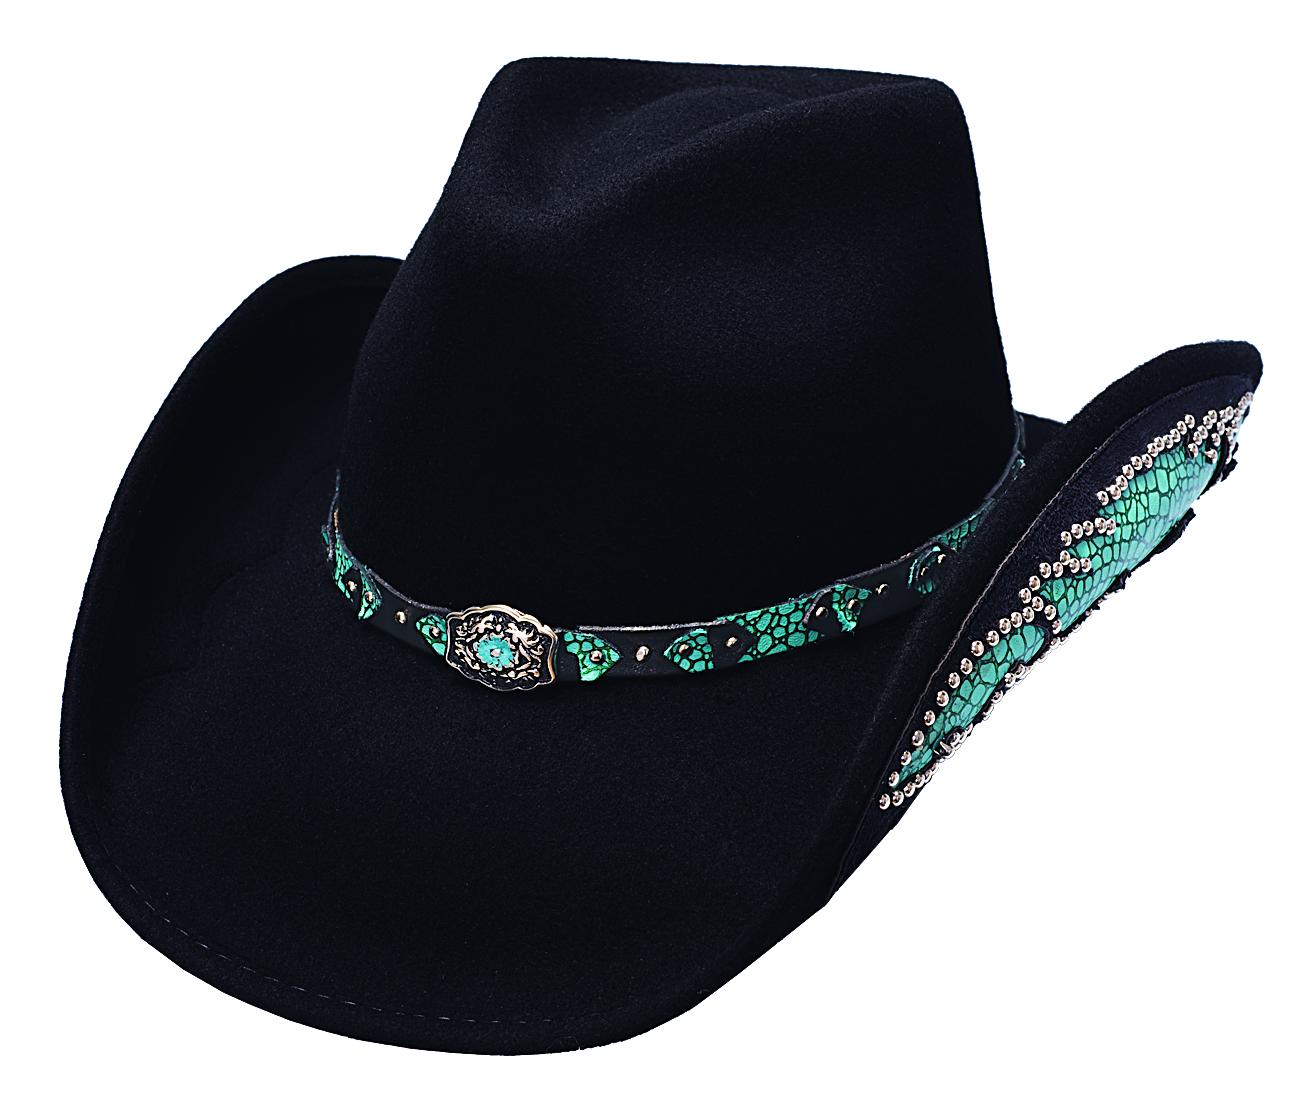 Bullhide Natural Beauty Platinum Collection Felt Hat